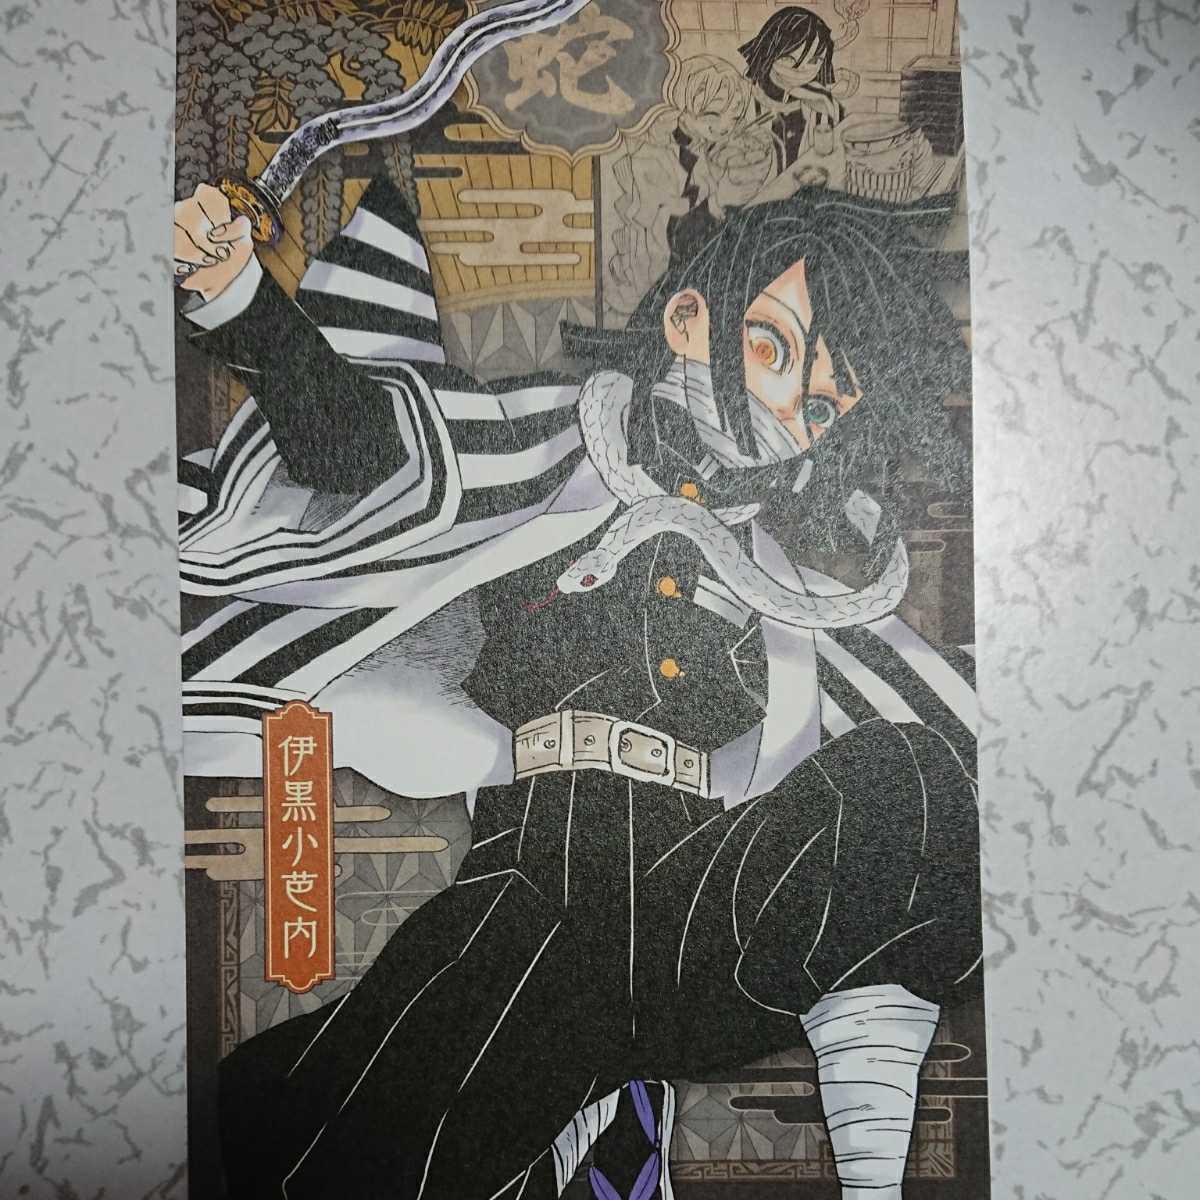 の ポスト 特 カード 滅 鬼 刃 版 装